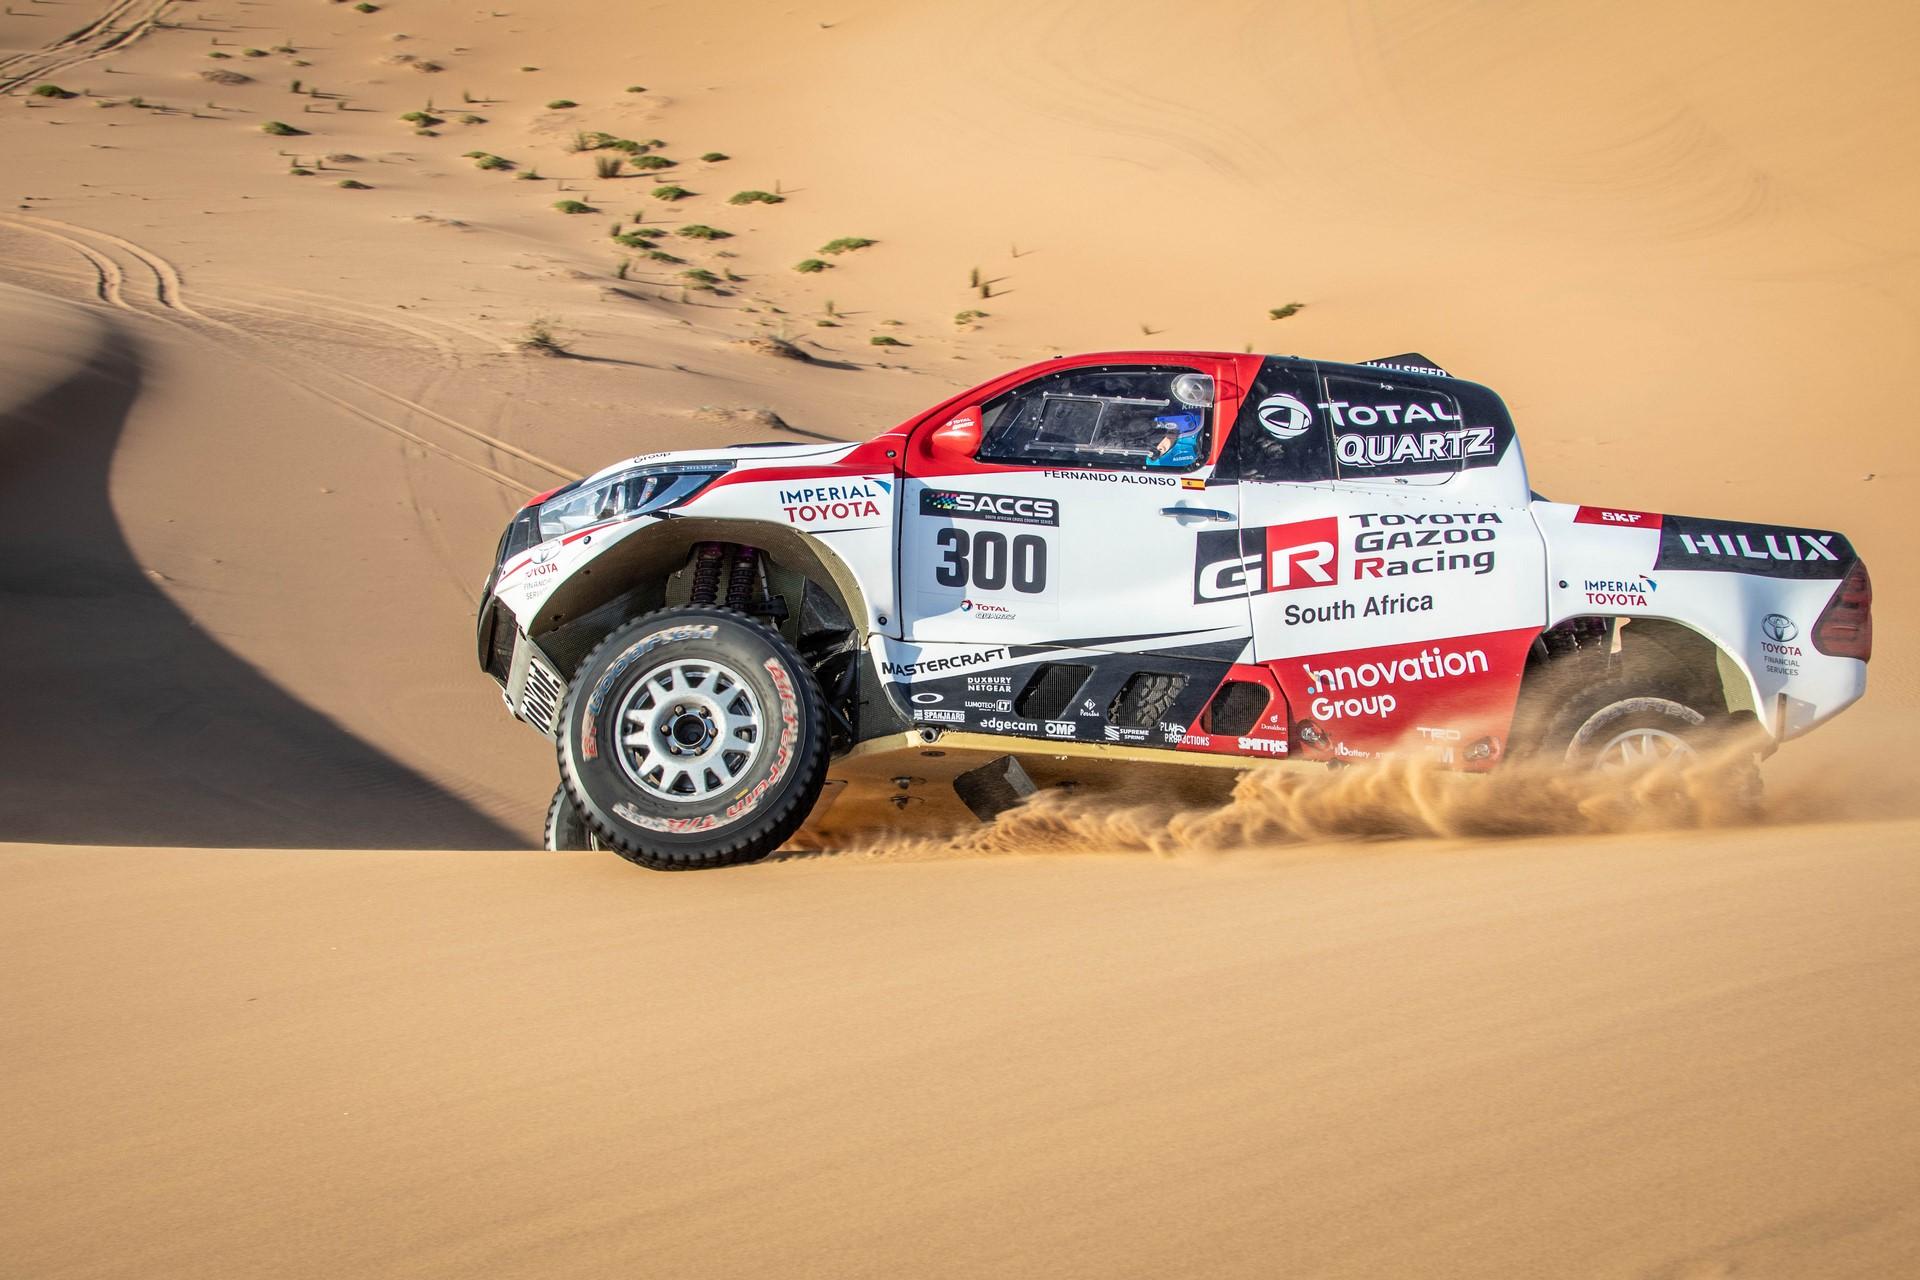 Fernando-Alonso-Training-Namibian-desert-1